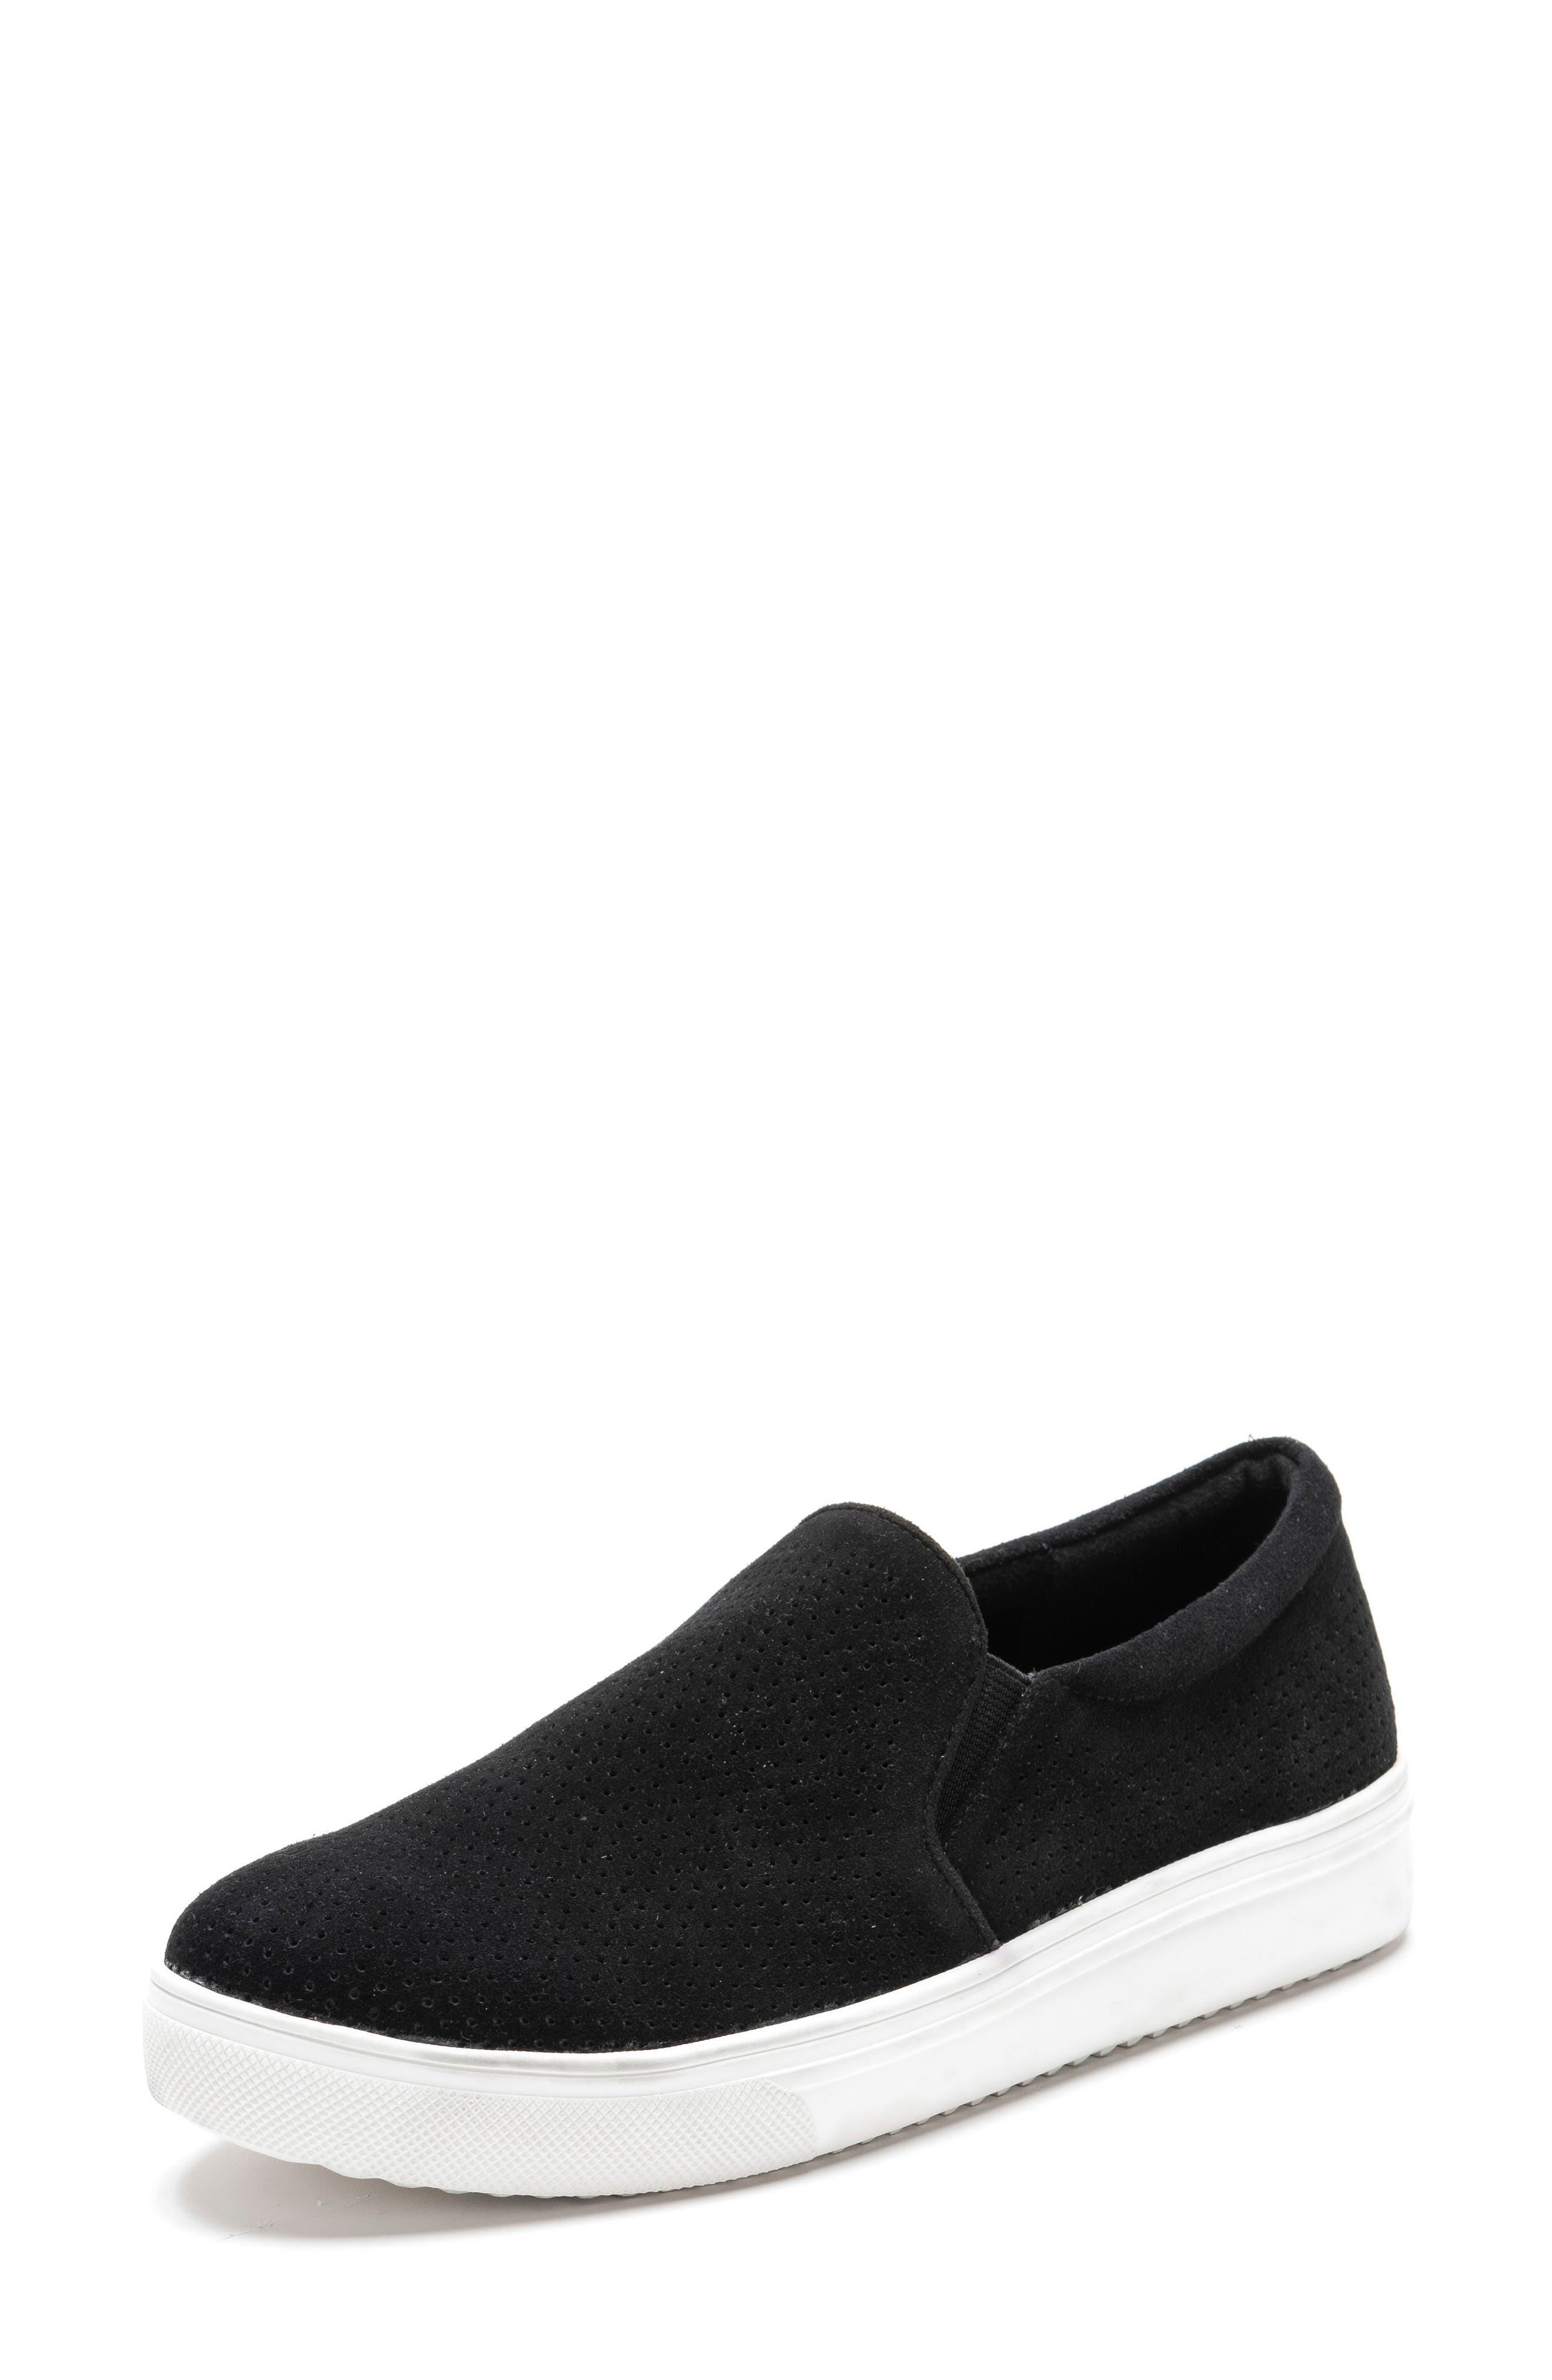 Gallert Perforated Waterproof Platform Sneaker,                             Alternate thumbnail 8, color,                             BLACK SUEDE